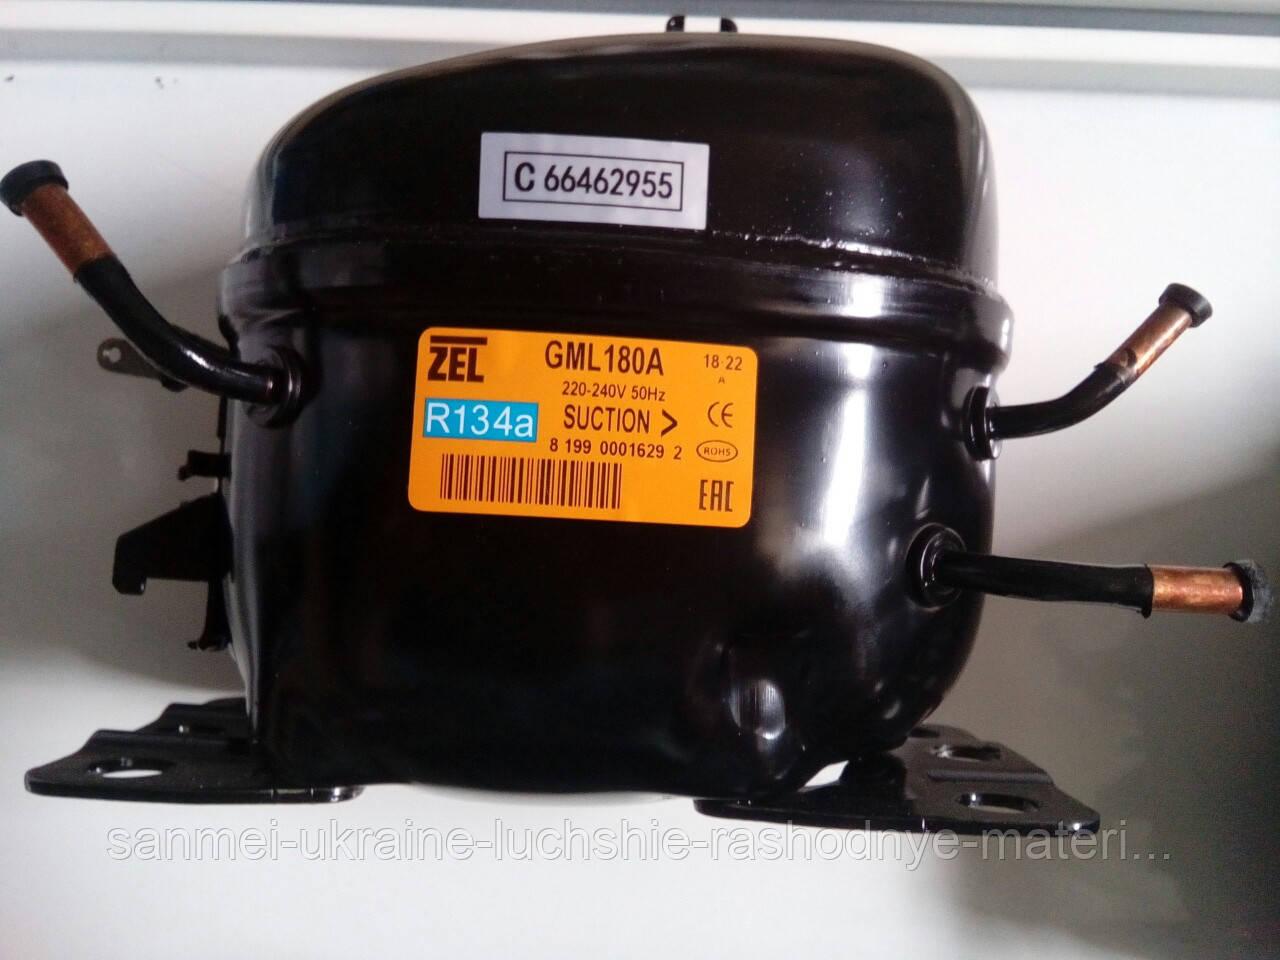 Компрессор низкотемпературный Zanussi ZEL GML180A R134a 178Вт для бытовых холодильников